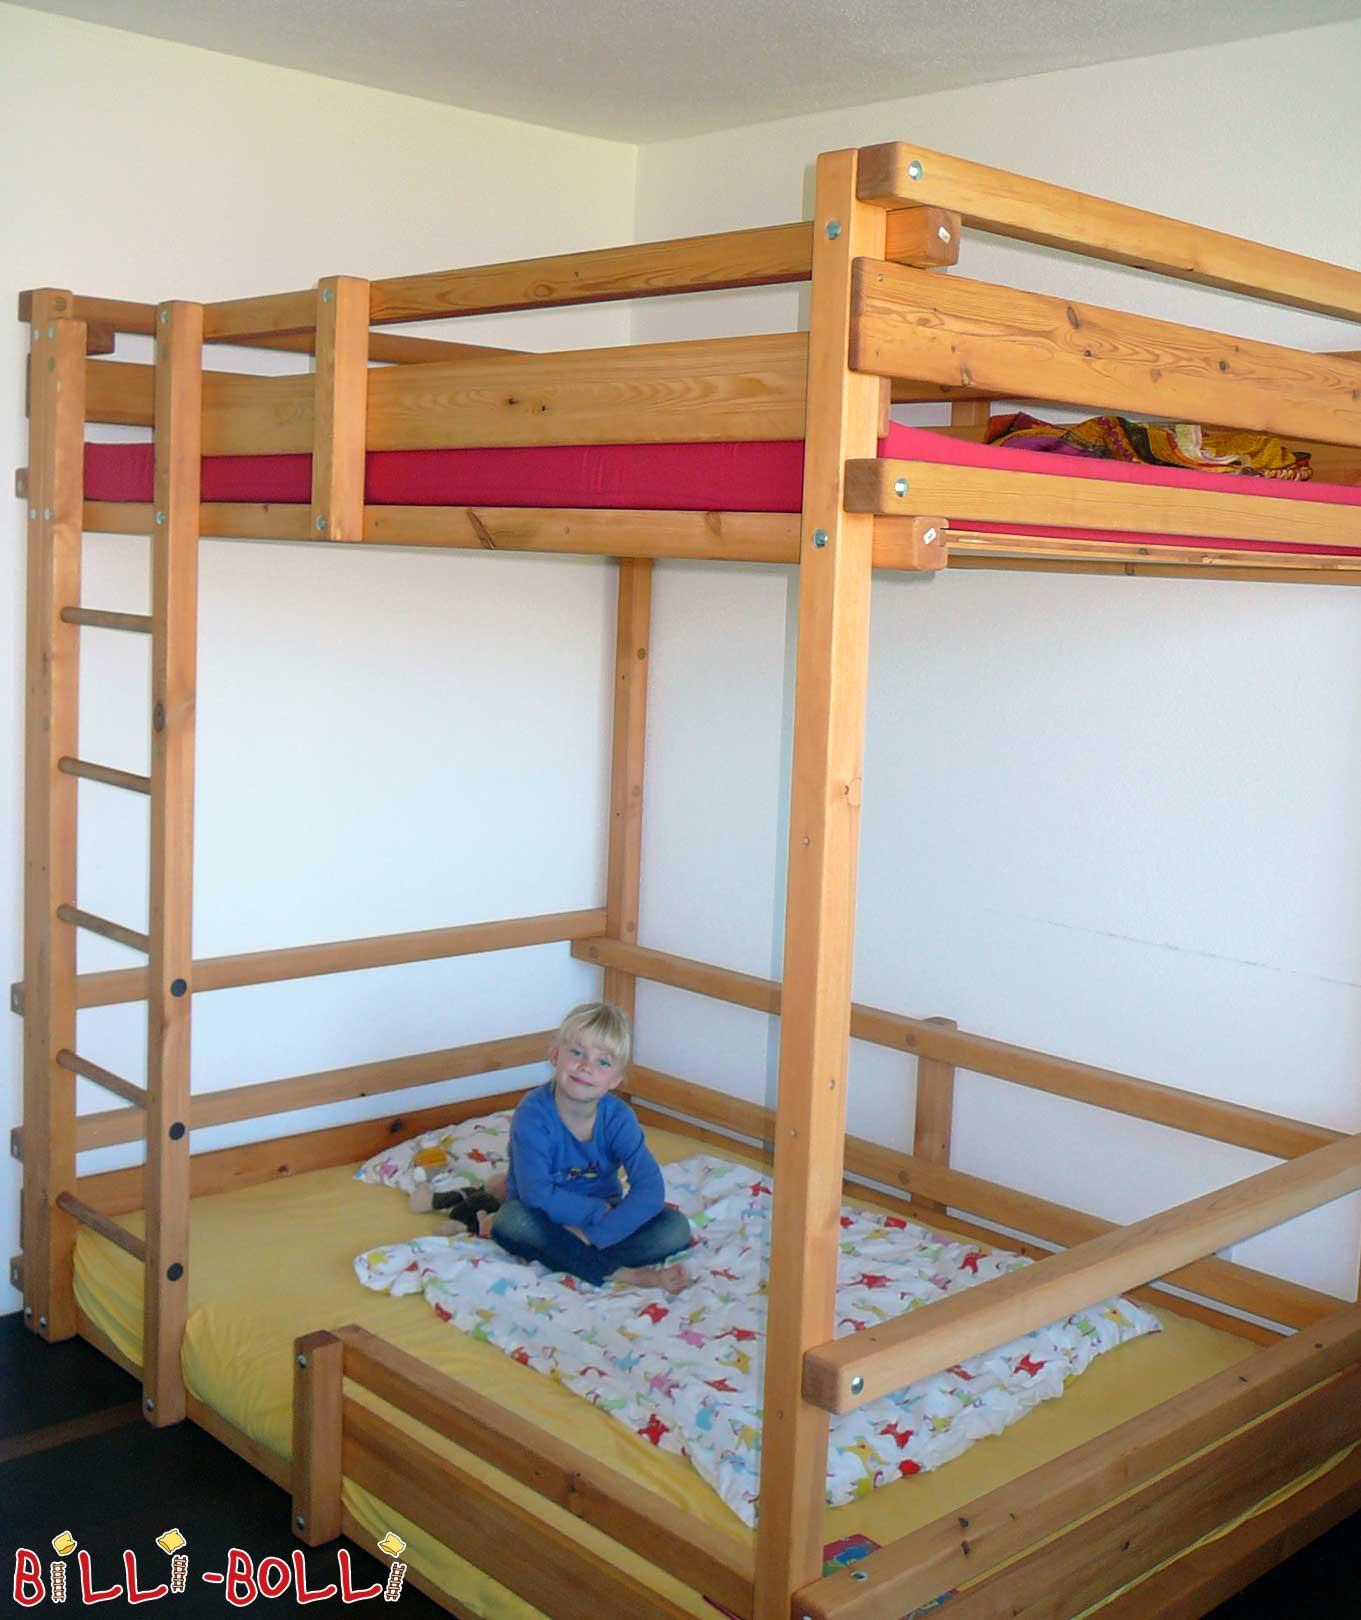 Letto a castello per ragazzi mobili per bambini da billi bolli - Barriere letto per bambini ...